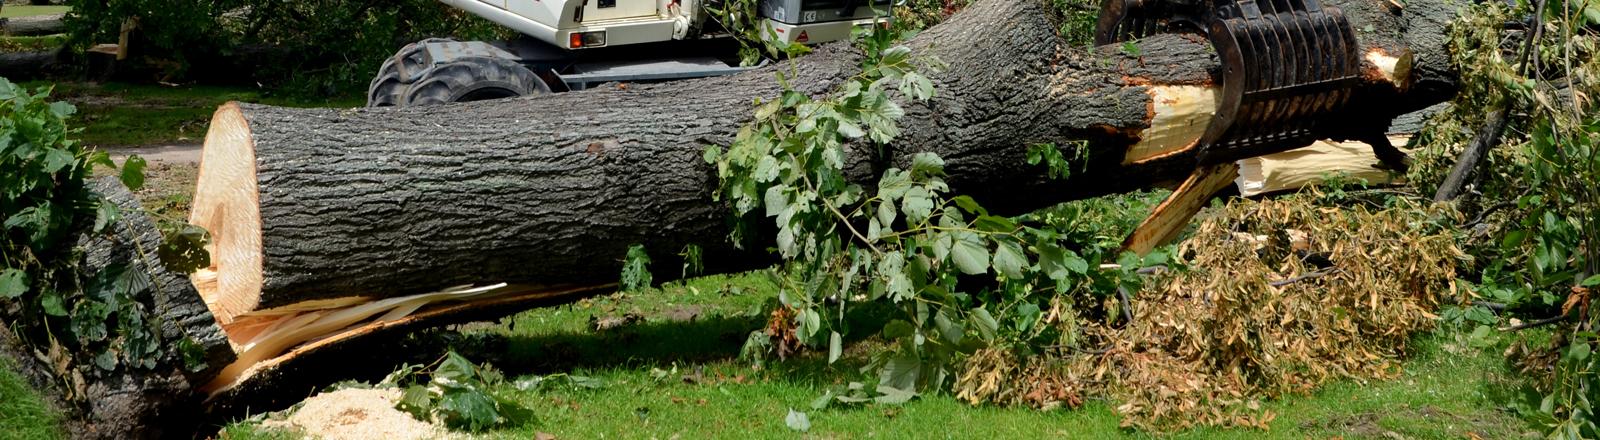 Aufräumarbeiten nach Unwetter in Düsseldorf schreiten voran.Ein Bagger hebt bei Aufräumarbeiten nach dem verheerenden Pfingst-Orkan Ela am 20.06.2014 in Düsseldorf (Nordrhein-Westfalen) einen Baumstamm von einem Gehweg .